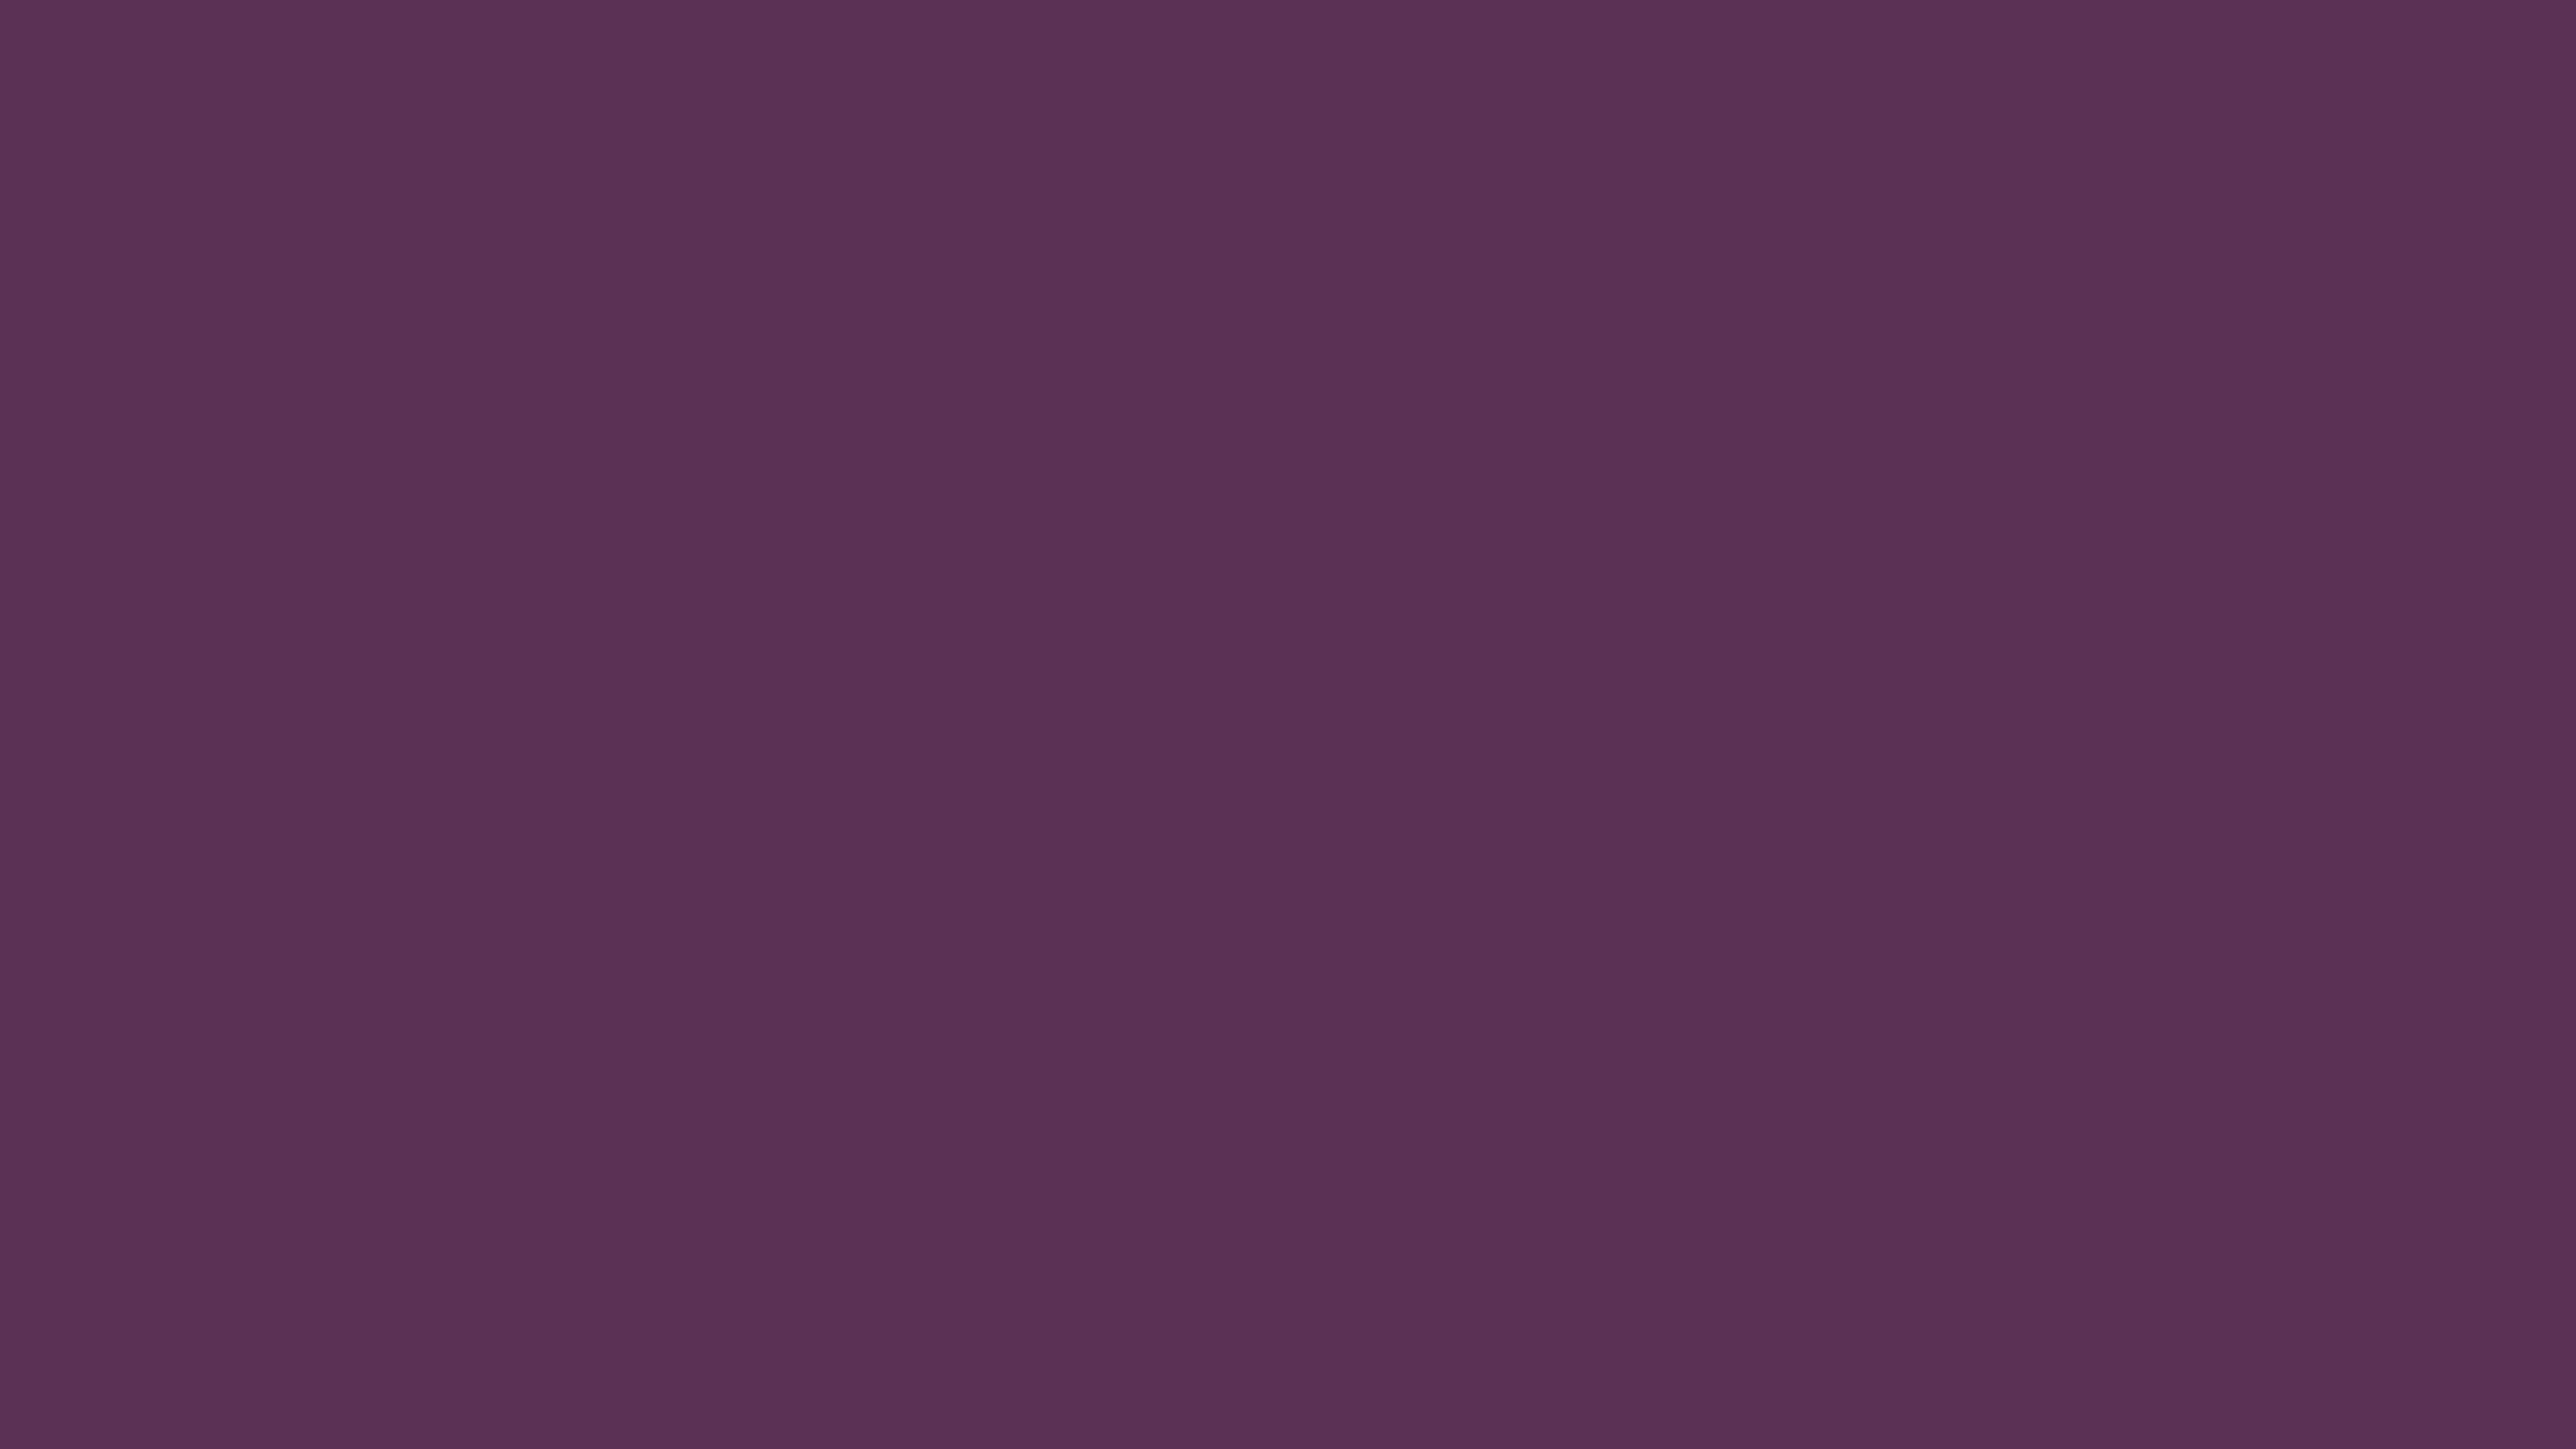 4096x2304 Japanese Violet Solid Color Background